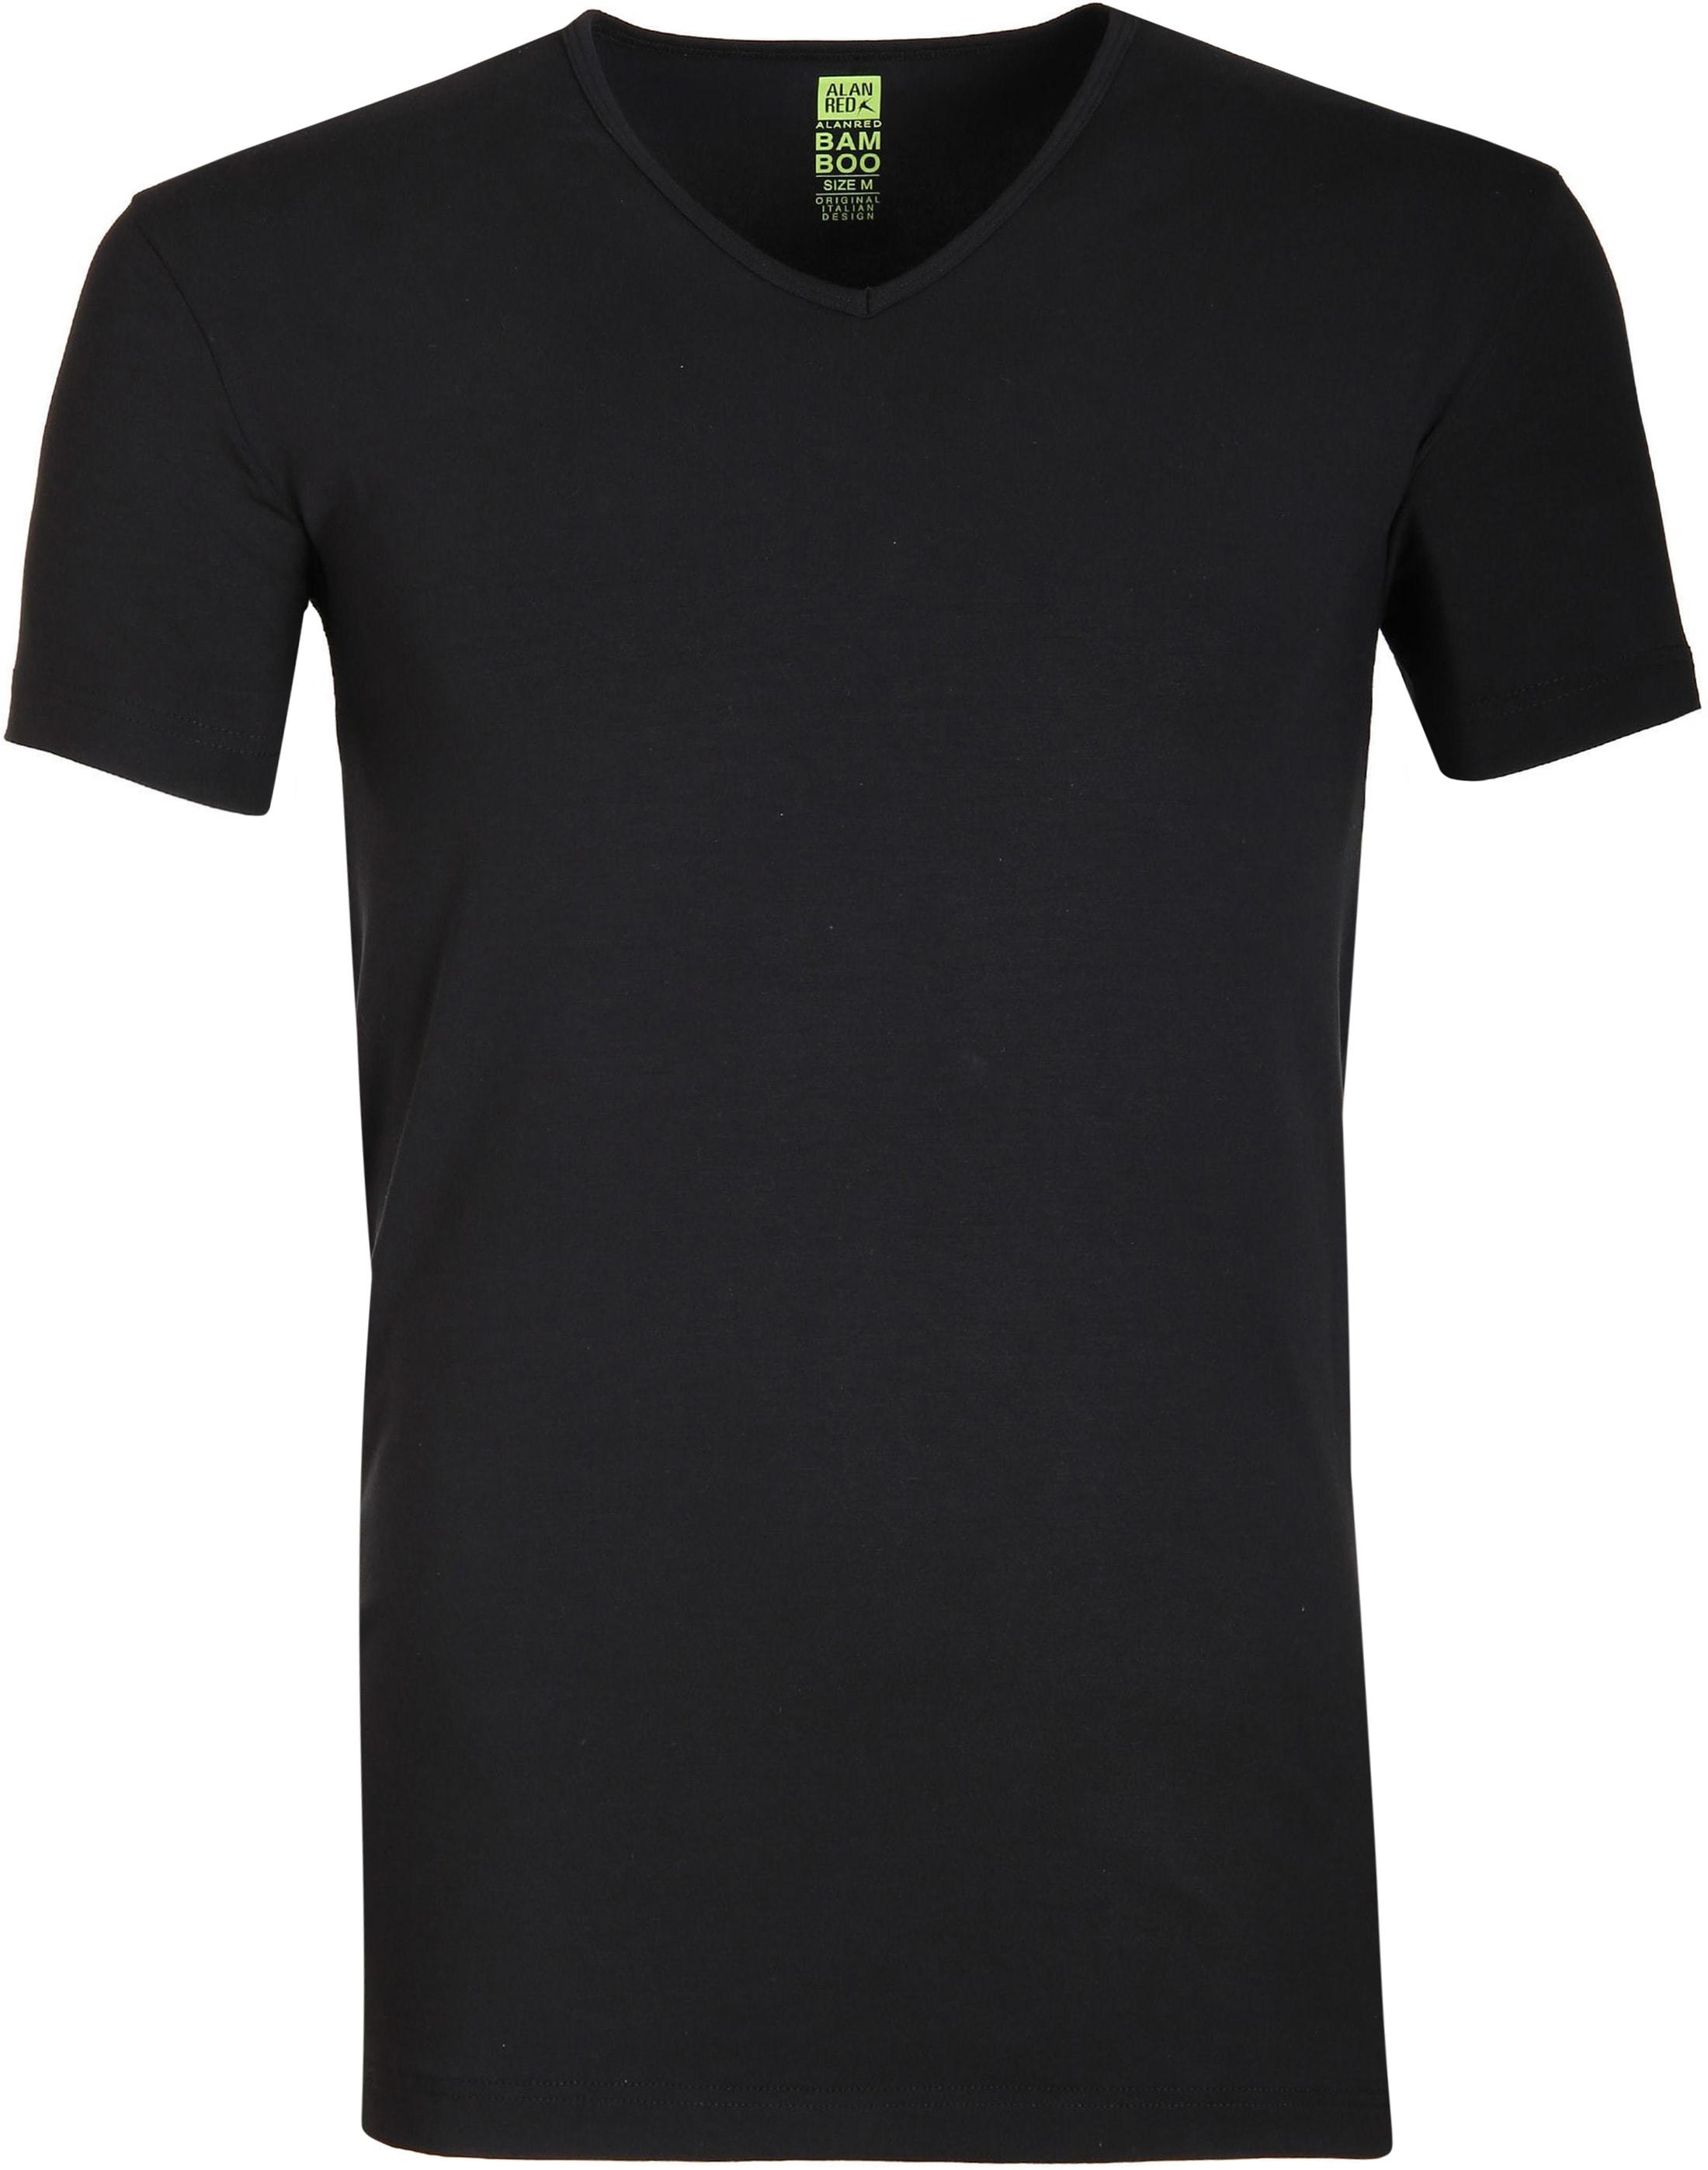 Alan Red Bamboo T-shirt Black foto 0